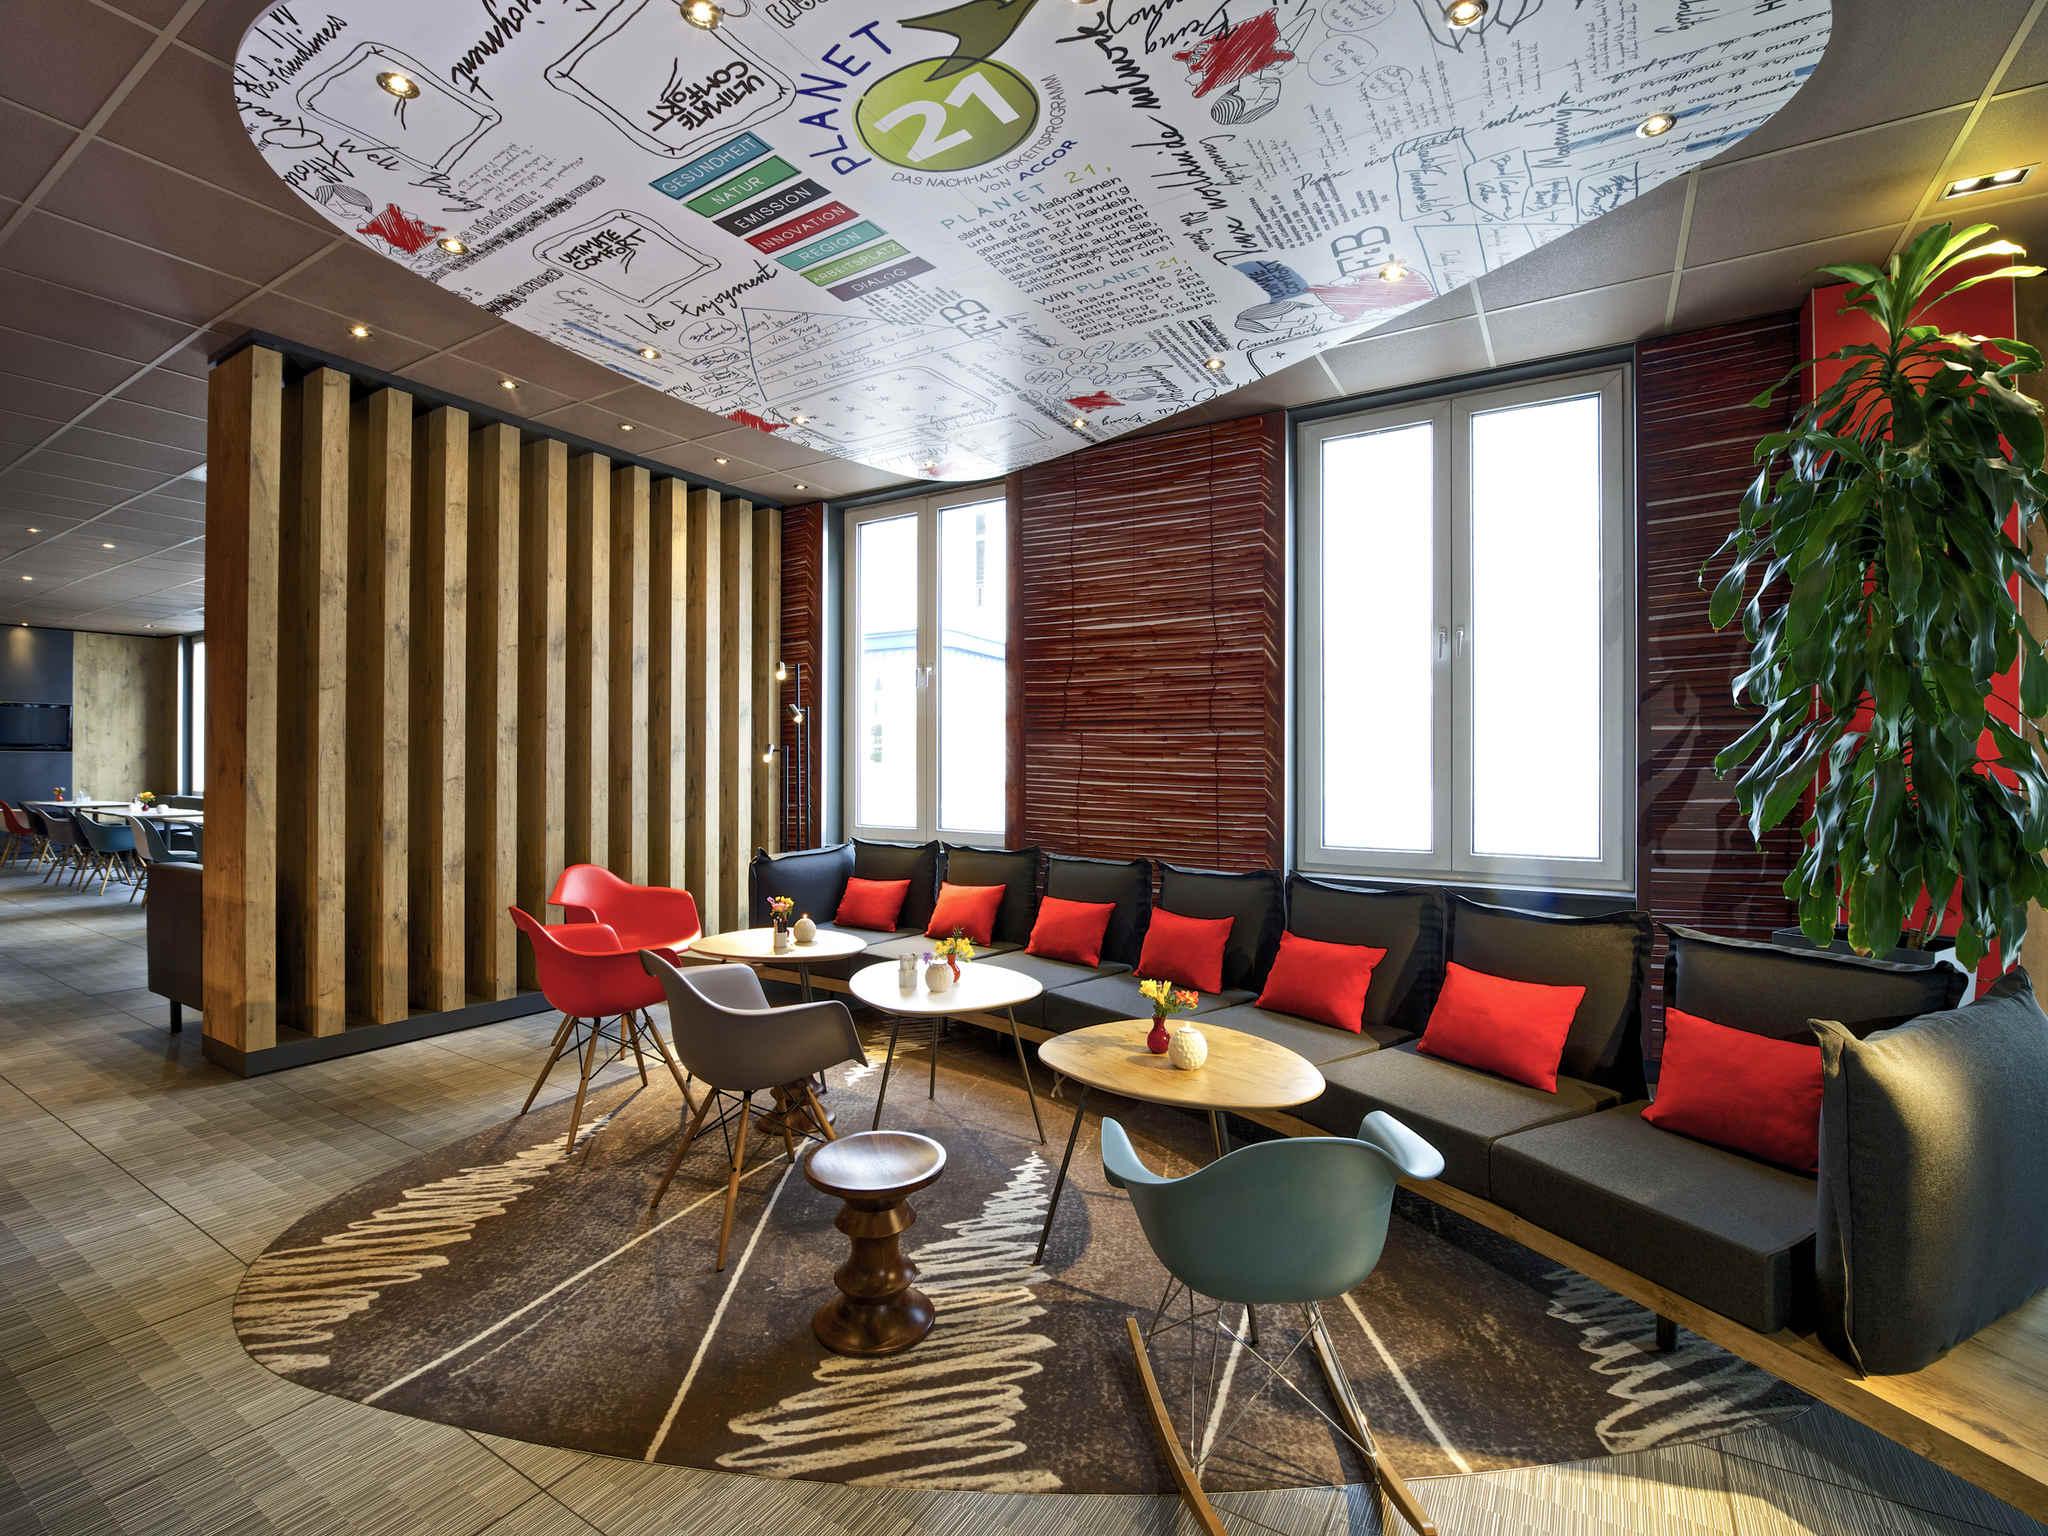 hotel ibis hamburg alster centrum book online now wifi On centrum hotel hamburg